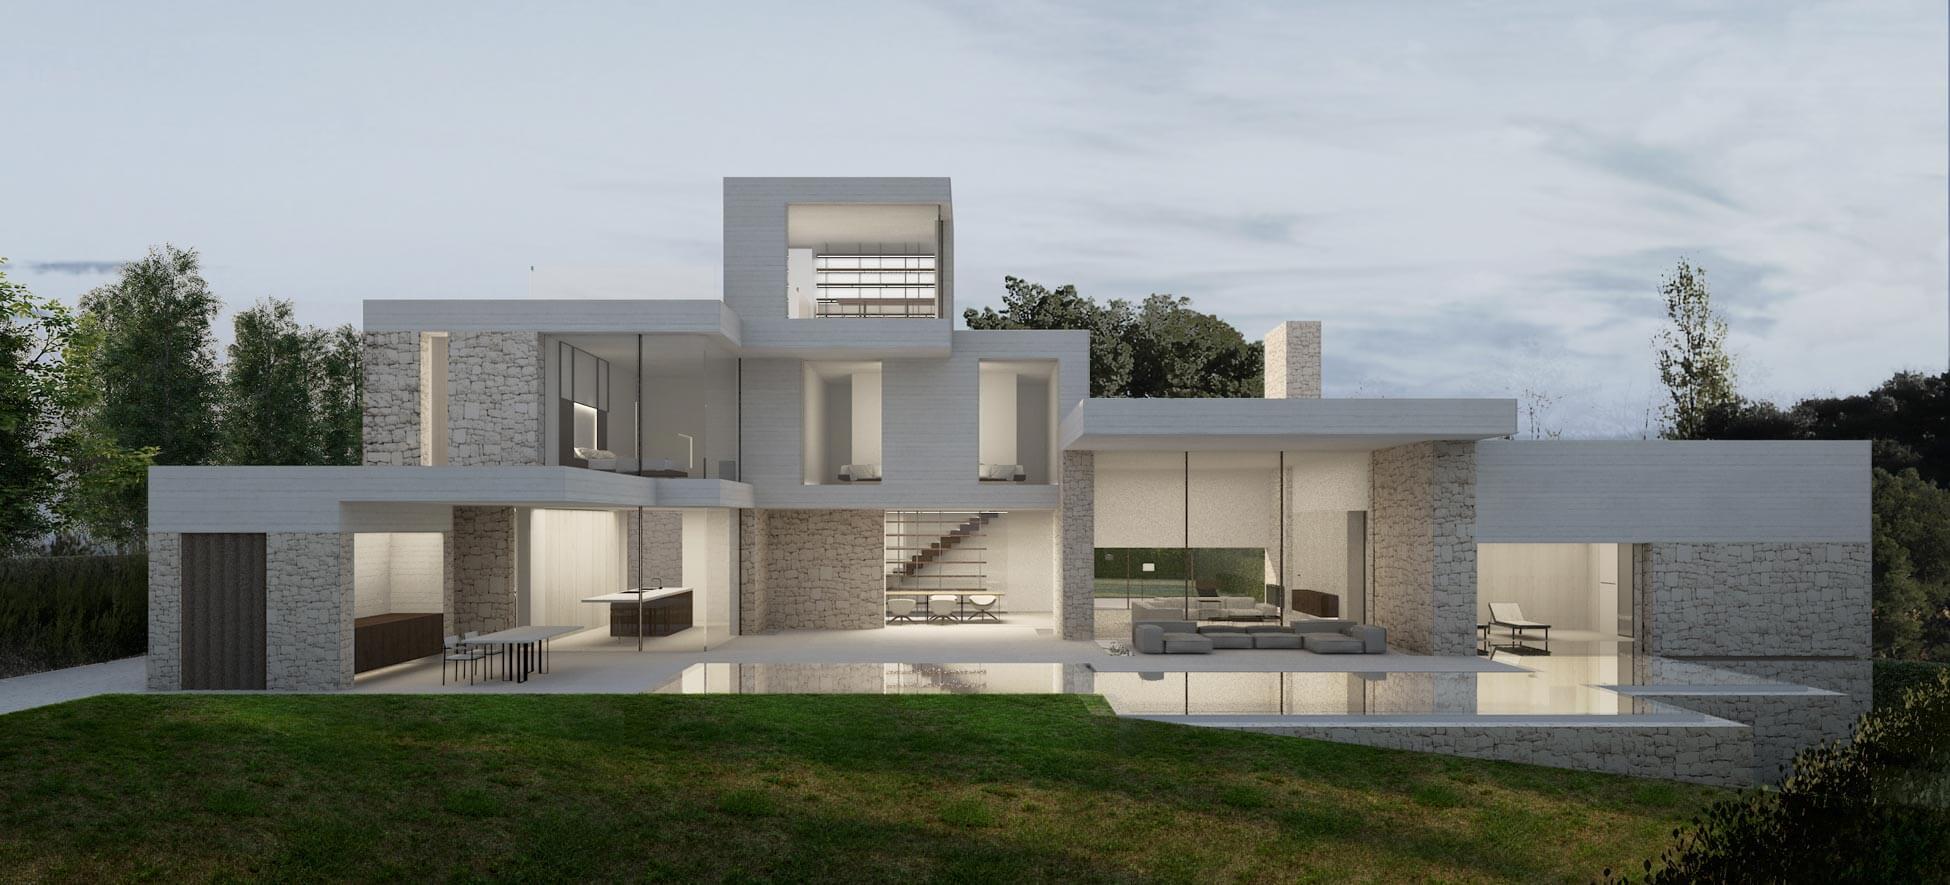 Design Rivestimenti Case Moderne Interni.Idee Moderne Per Il Rivestimento Della Facciata Di Casa Origine